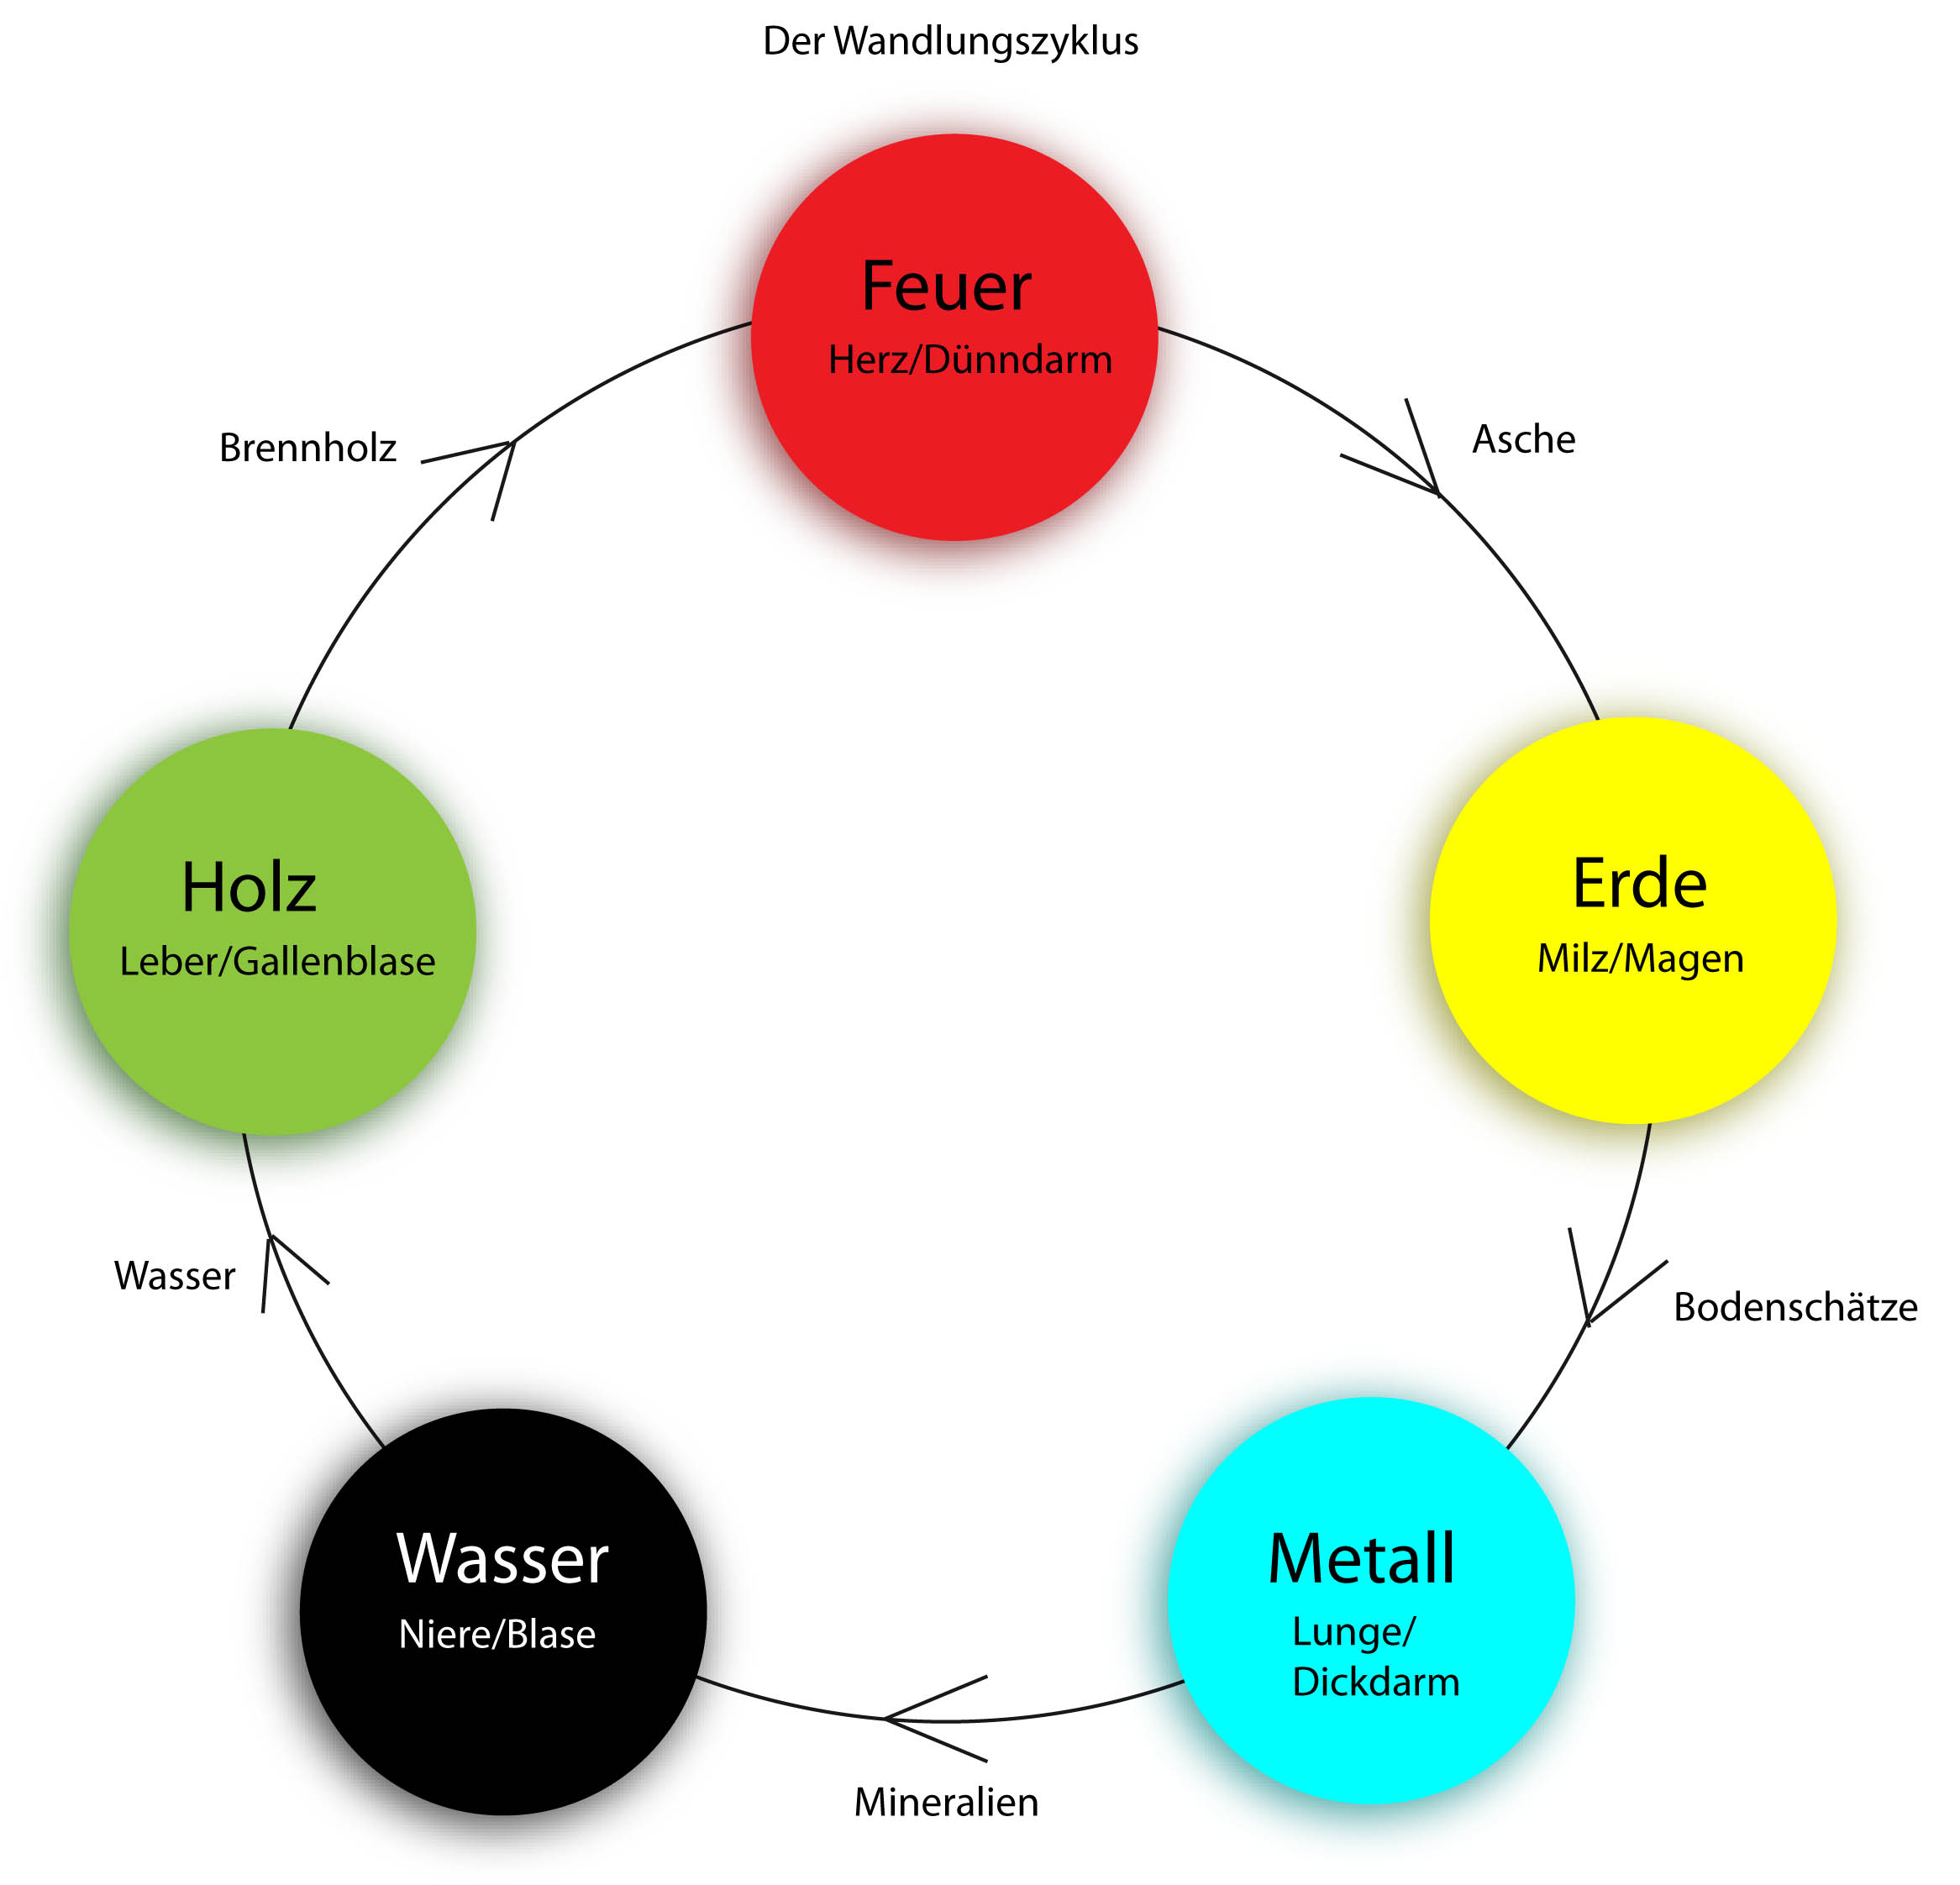 Wandlungszyklus der 5 Elemente